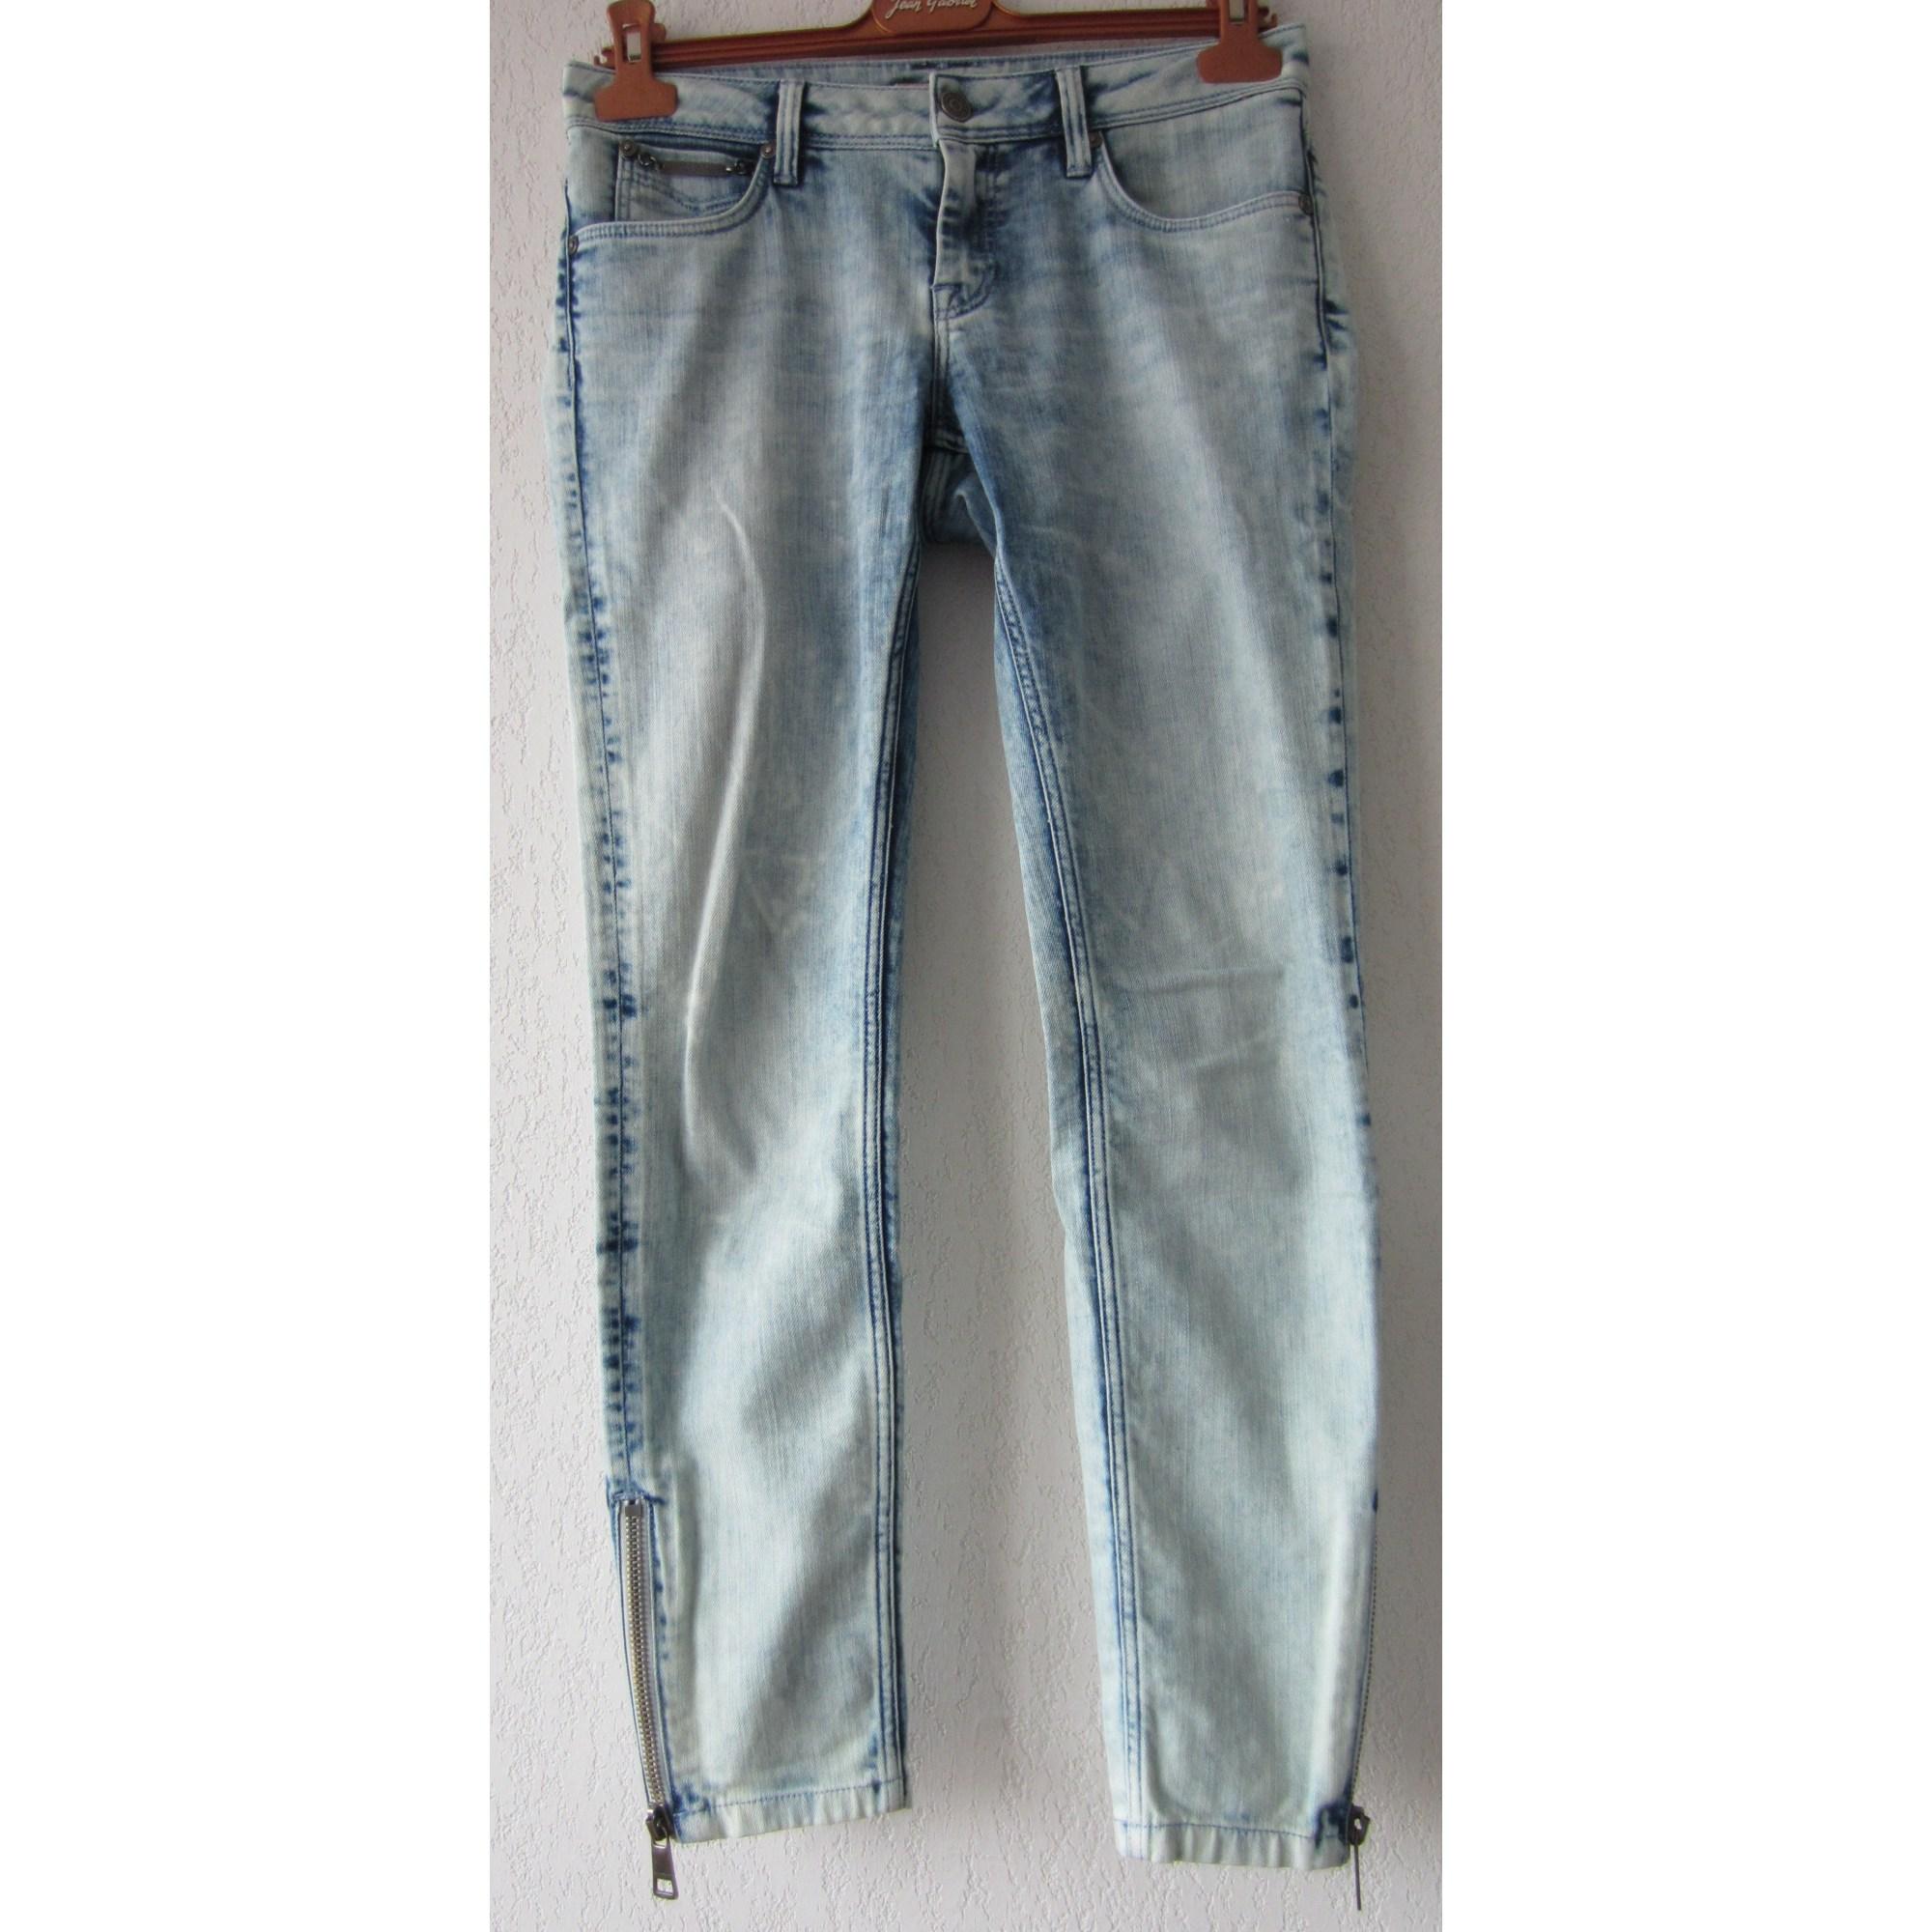 67b2504c13af Jeans slim BURBERRY W27 (T 36) bleu vendu par Missmille261293 ...